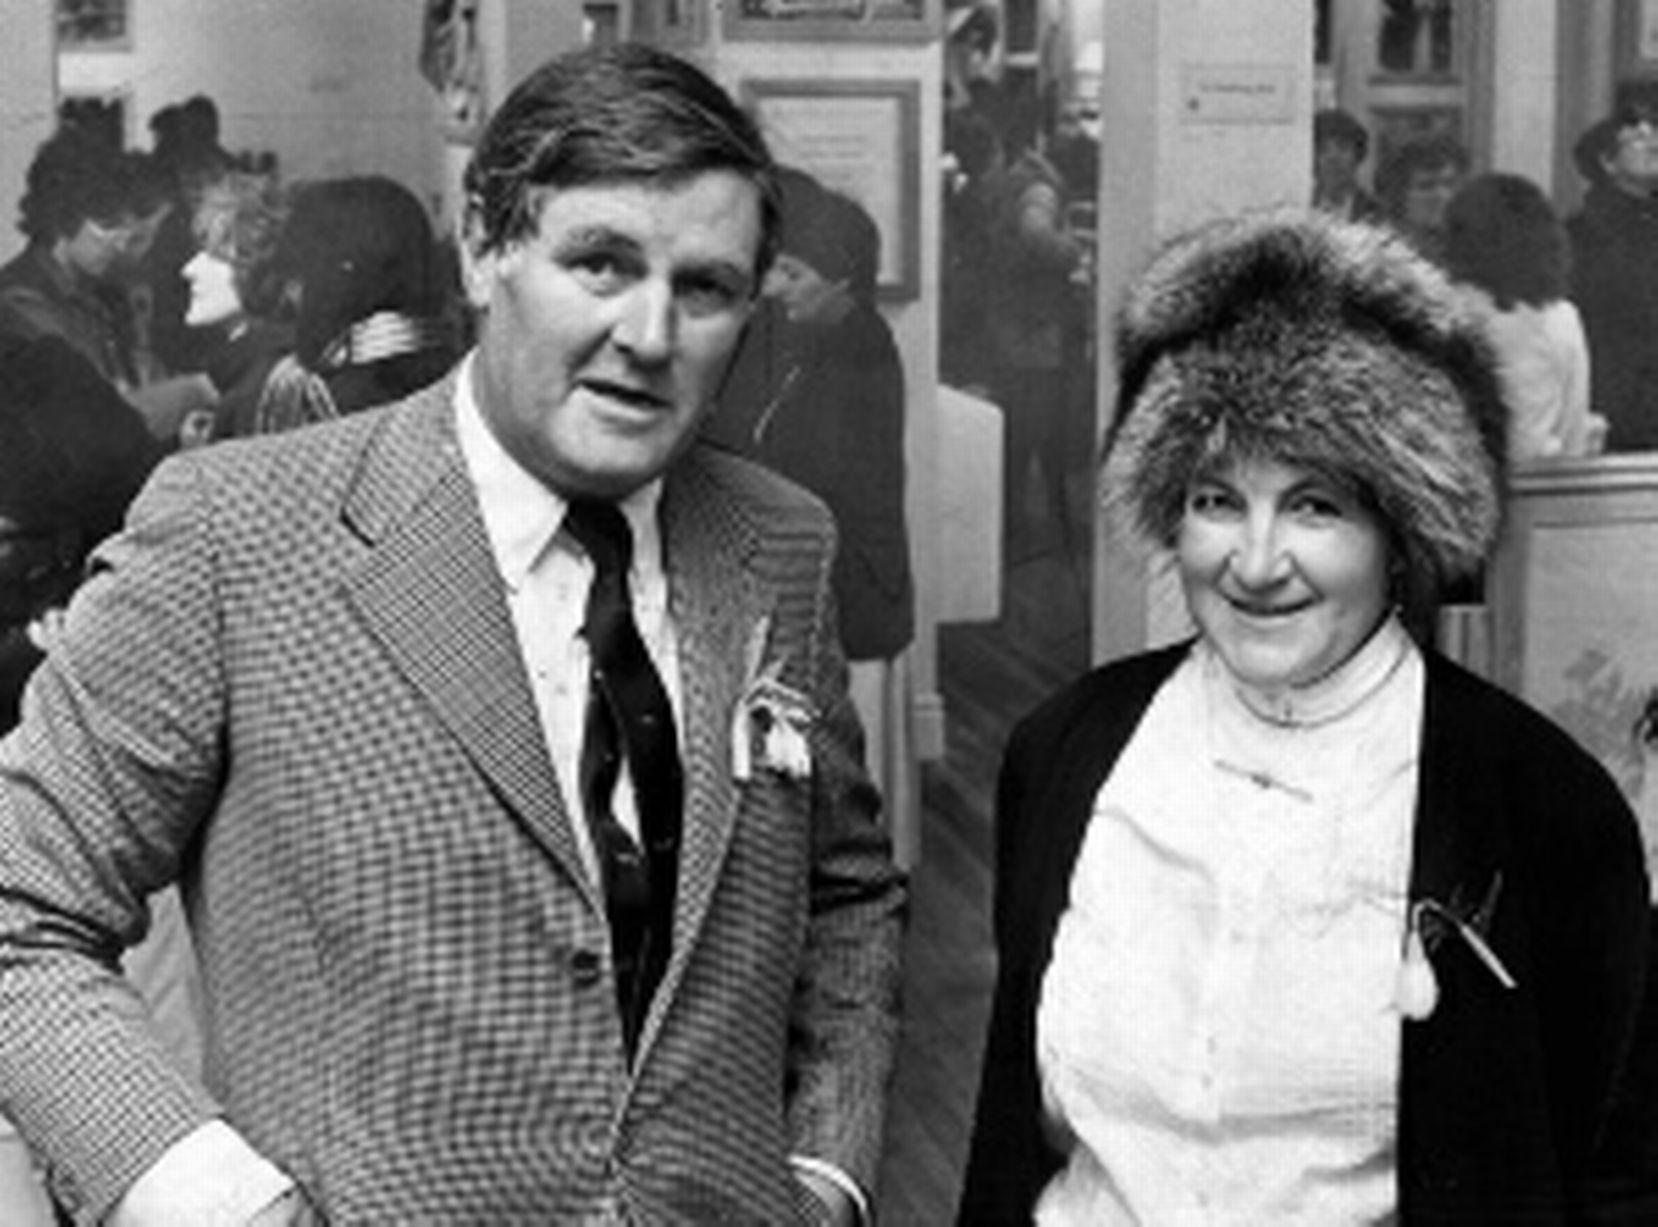 لورا اشلی در کنار همسرش